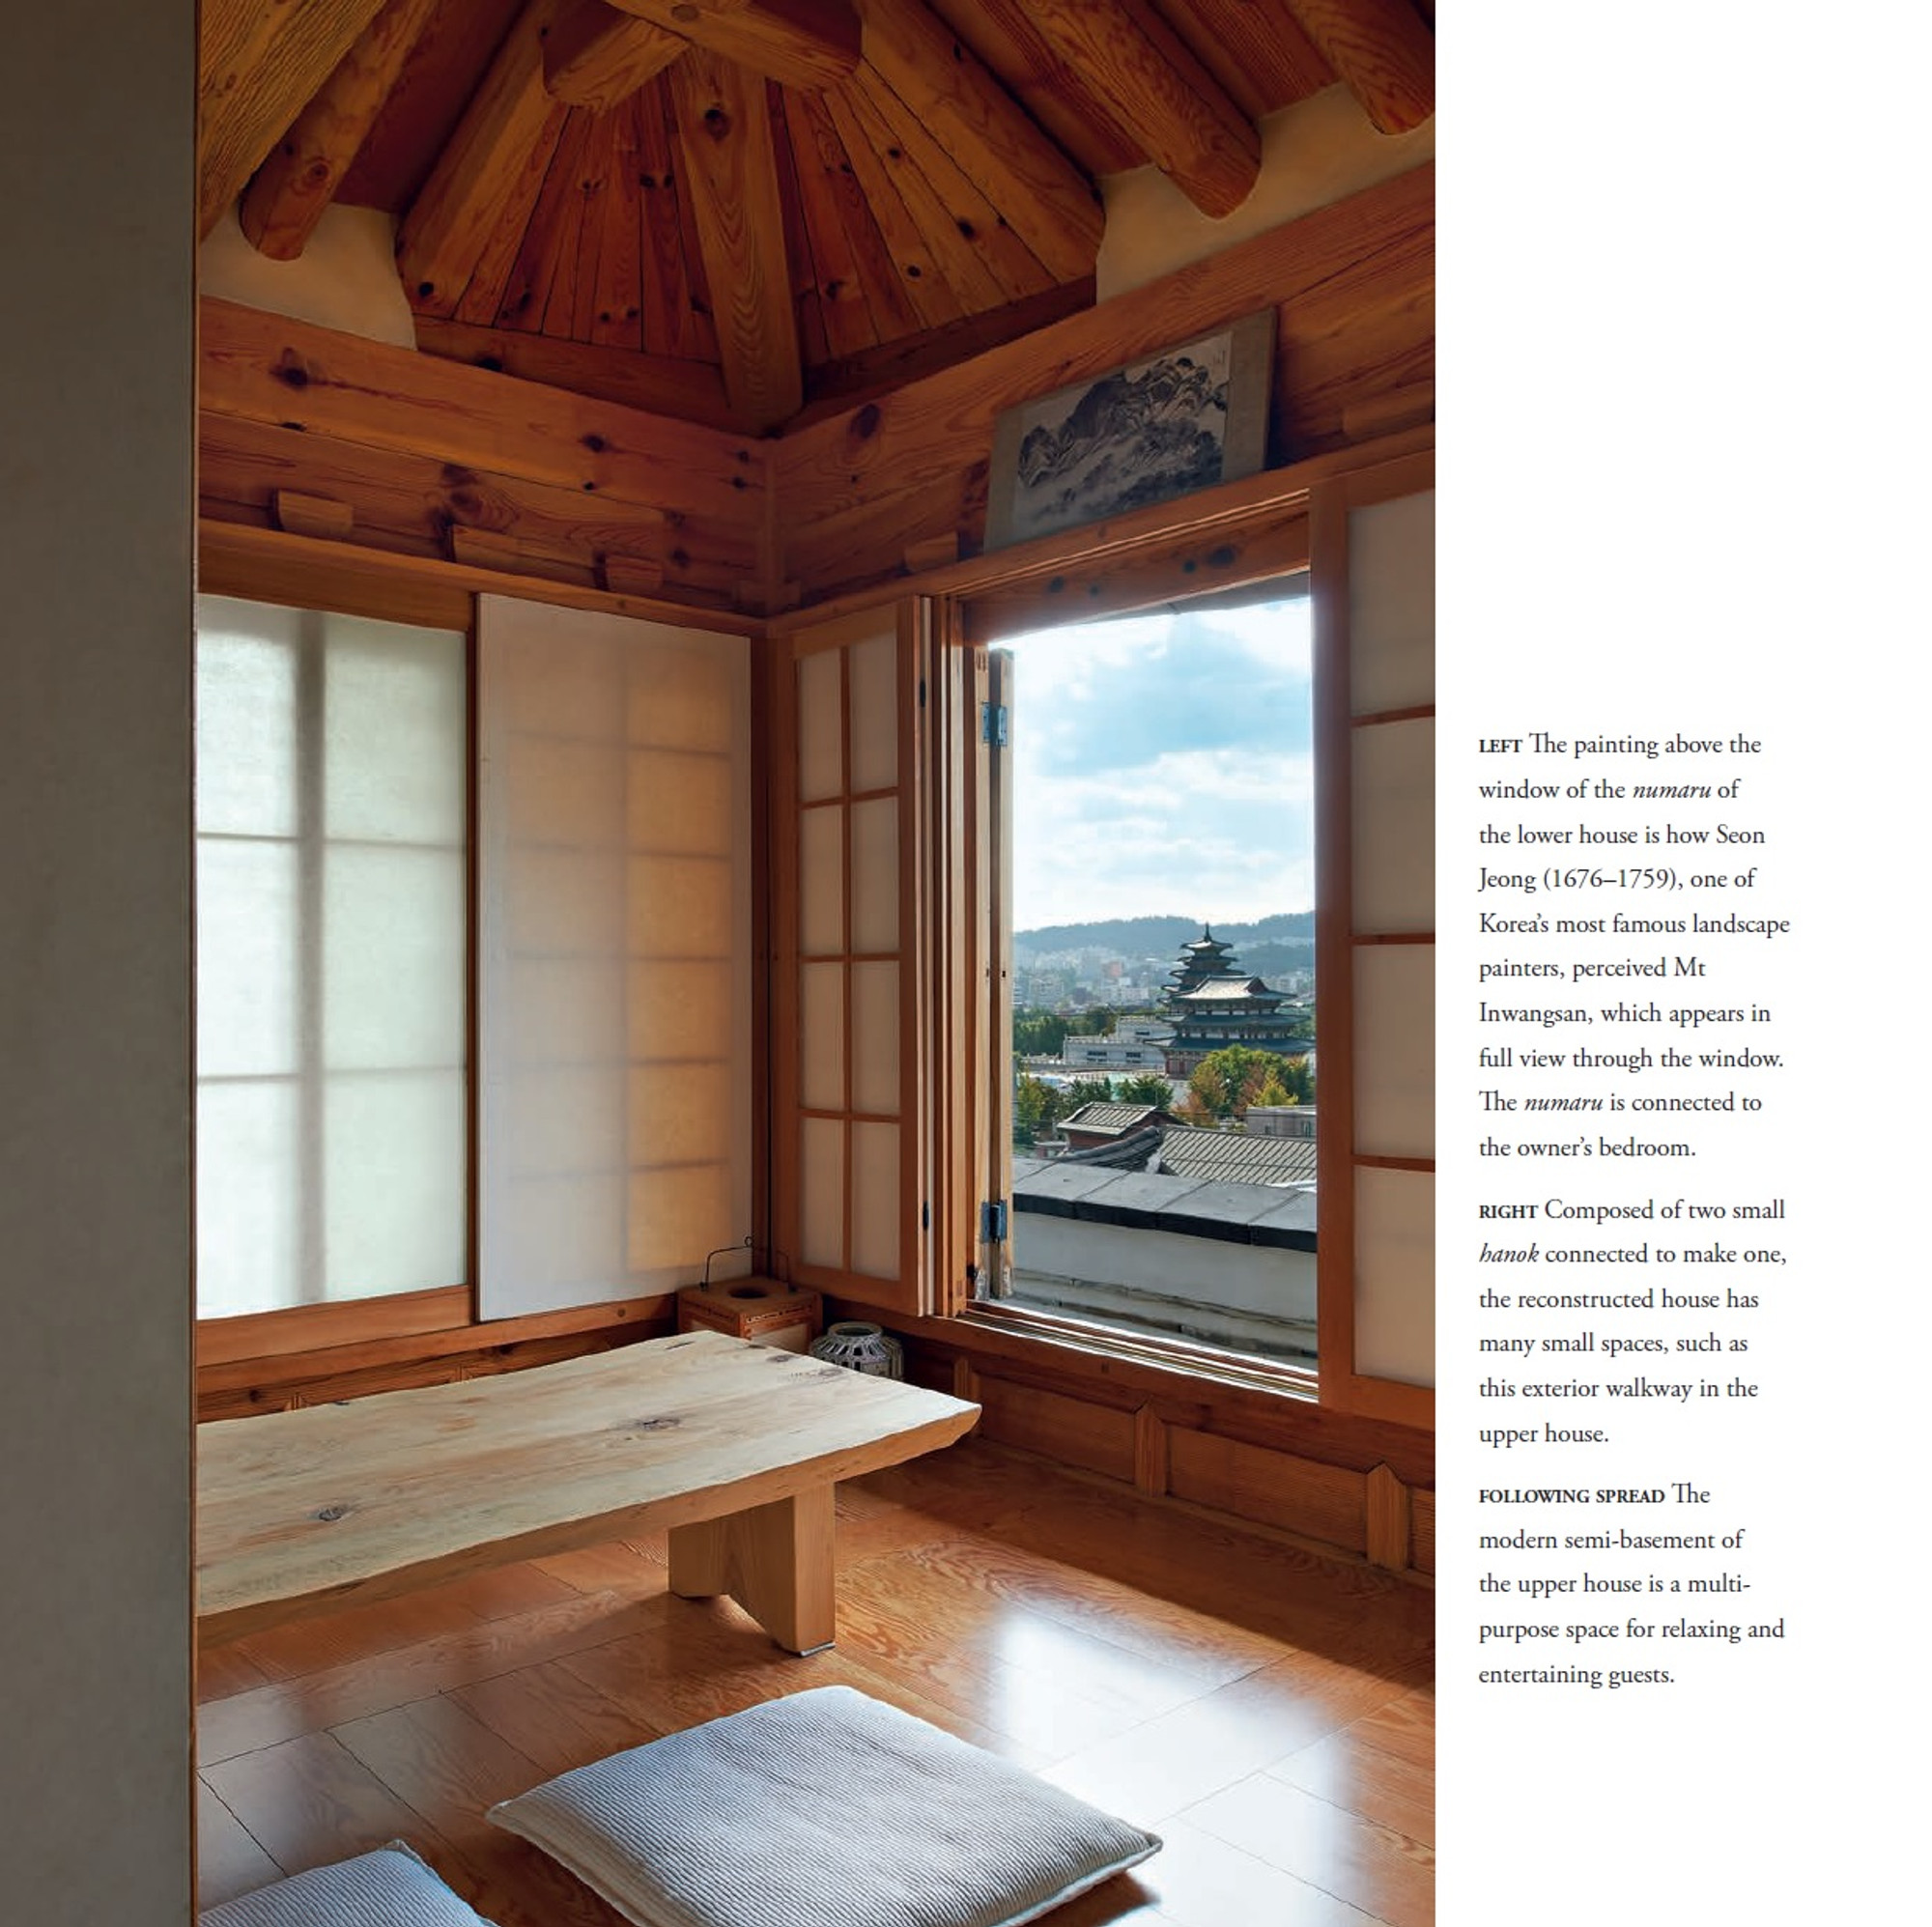 Hanok The Korean House Tuttle Publishing